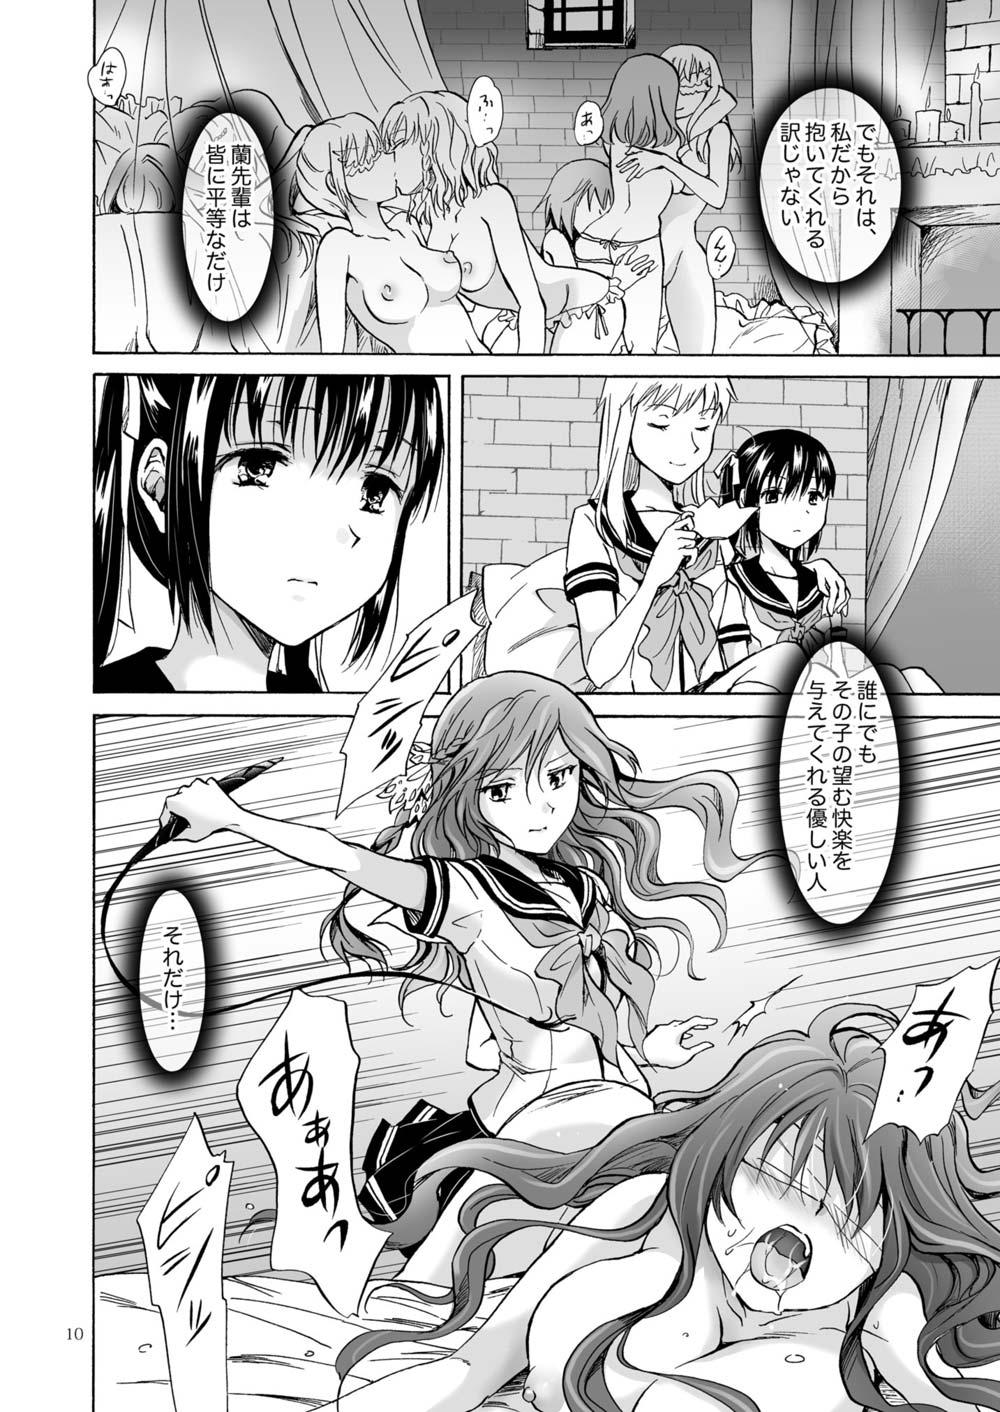 【エロ漫画・エロ同人誌】大好きな先輩が手に入らないからSに目覚めたちっぱい女子校生www (9)